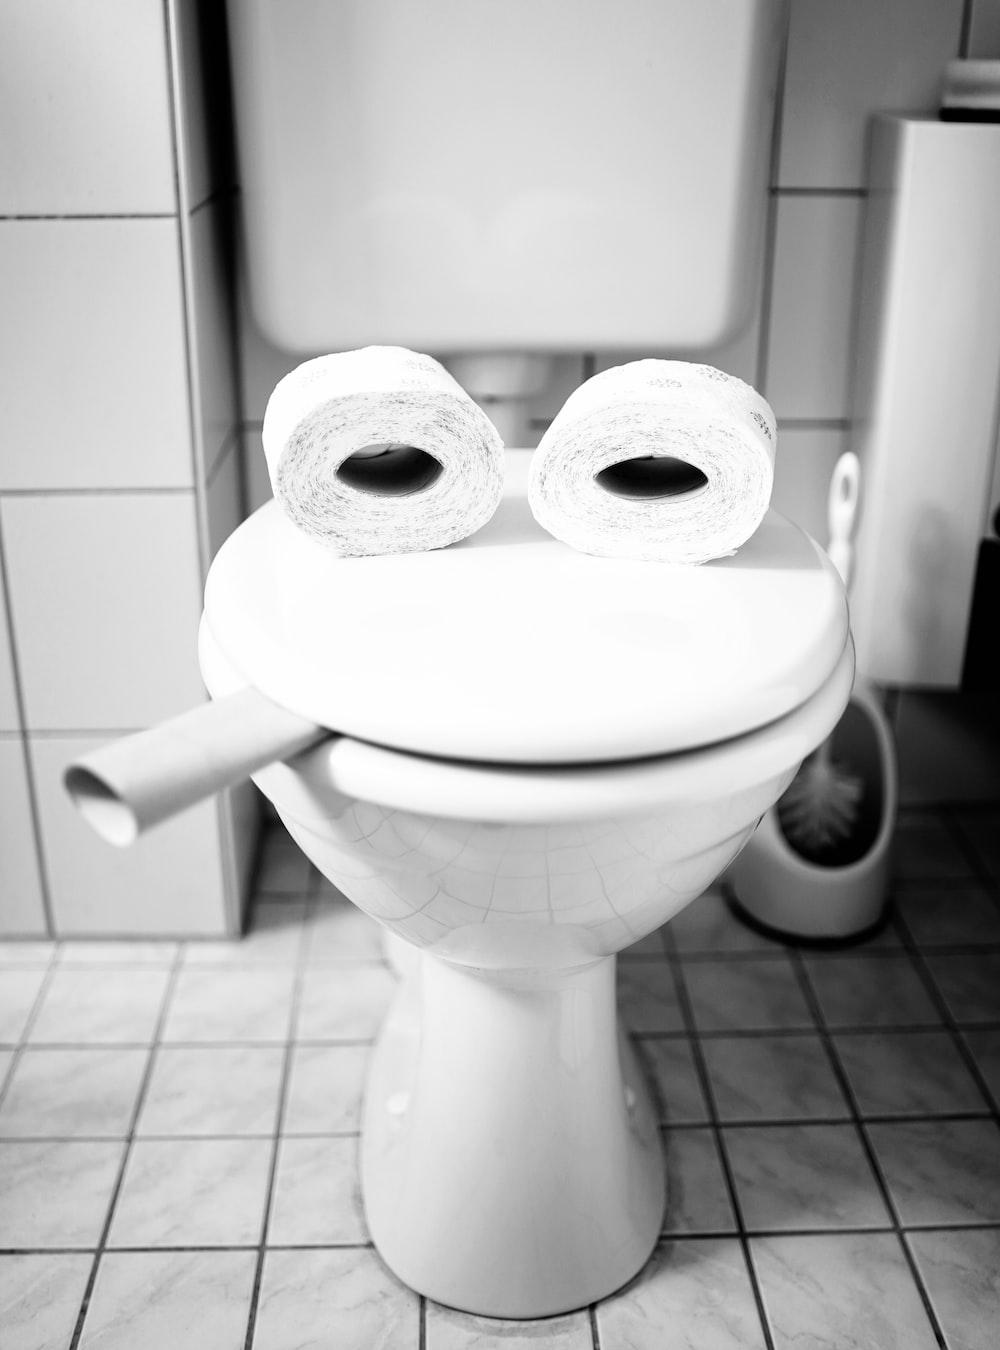 white toilet paper roll on white ceramic toilet bowl